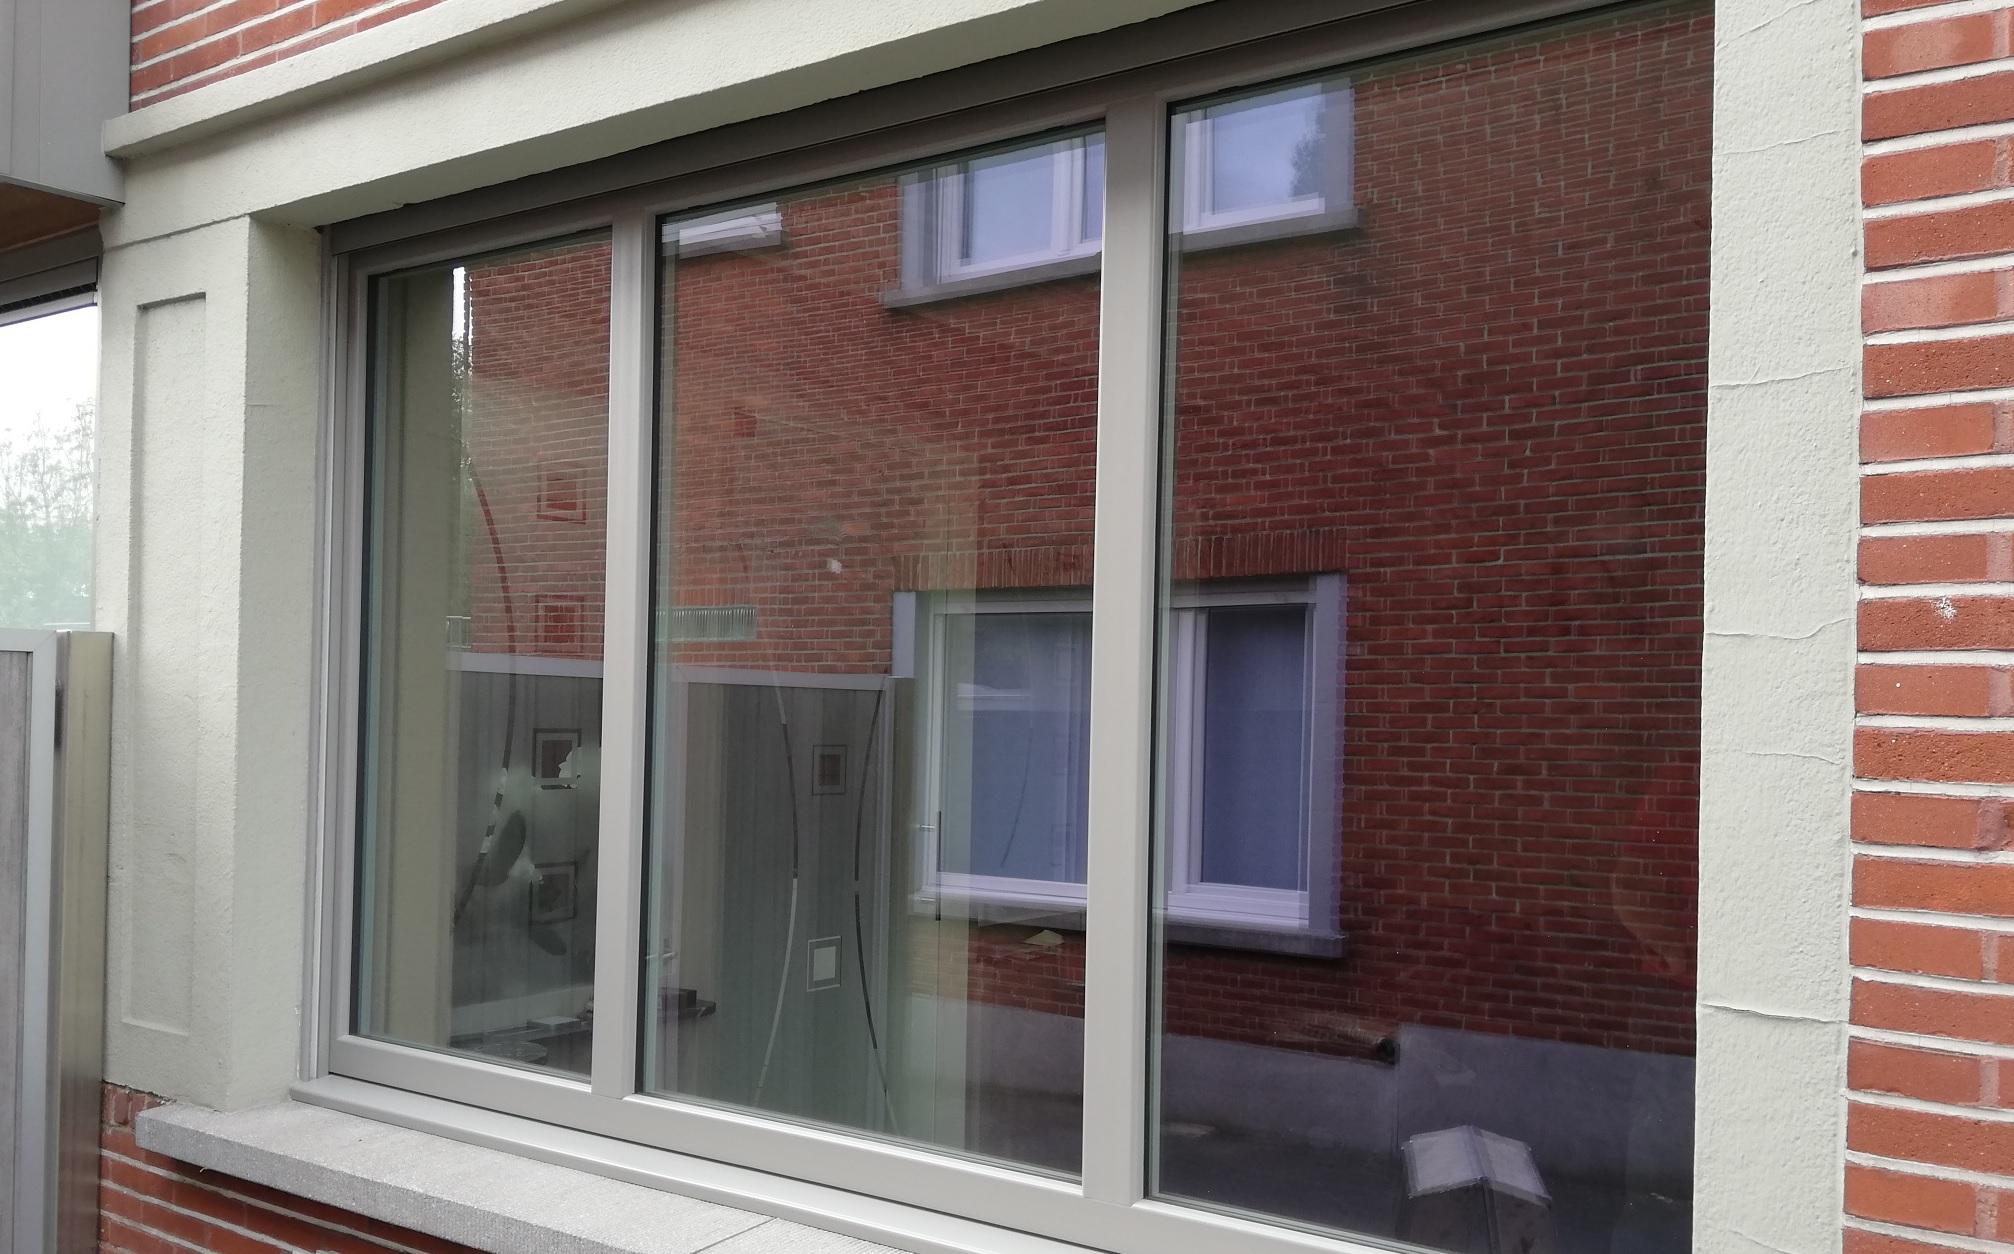 Peindre Fenetre Pvc En Gris fenêtres pvc - haute isolation | opsomer & delmotte